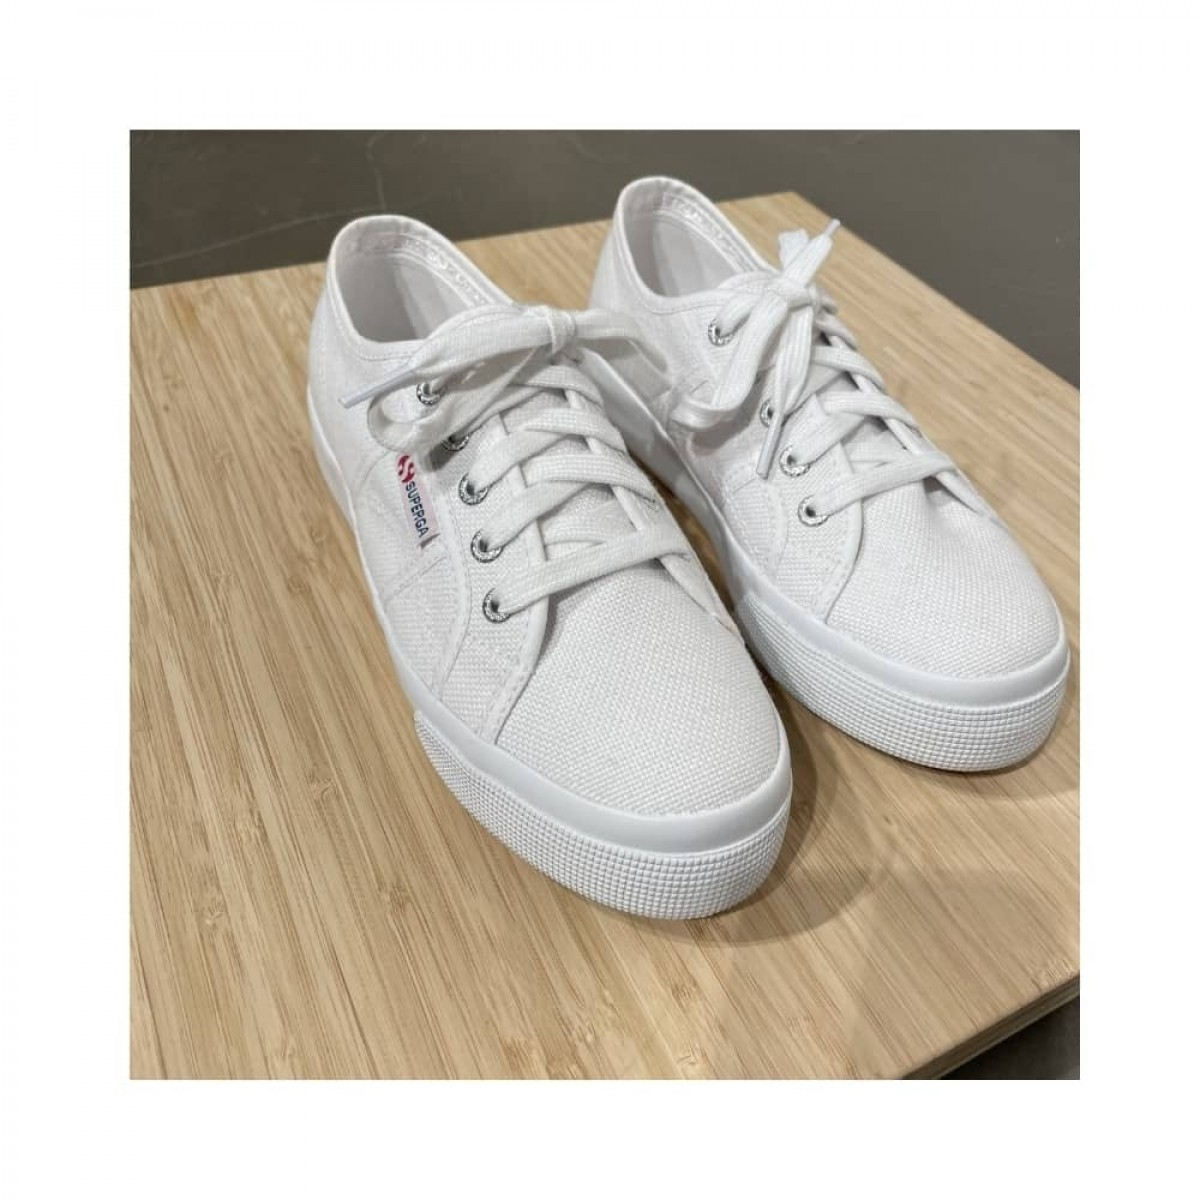 superga 2730 cotu - white